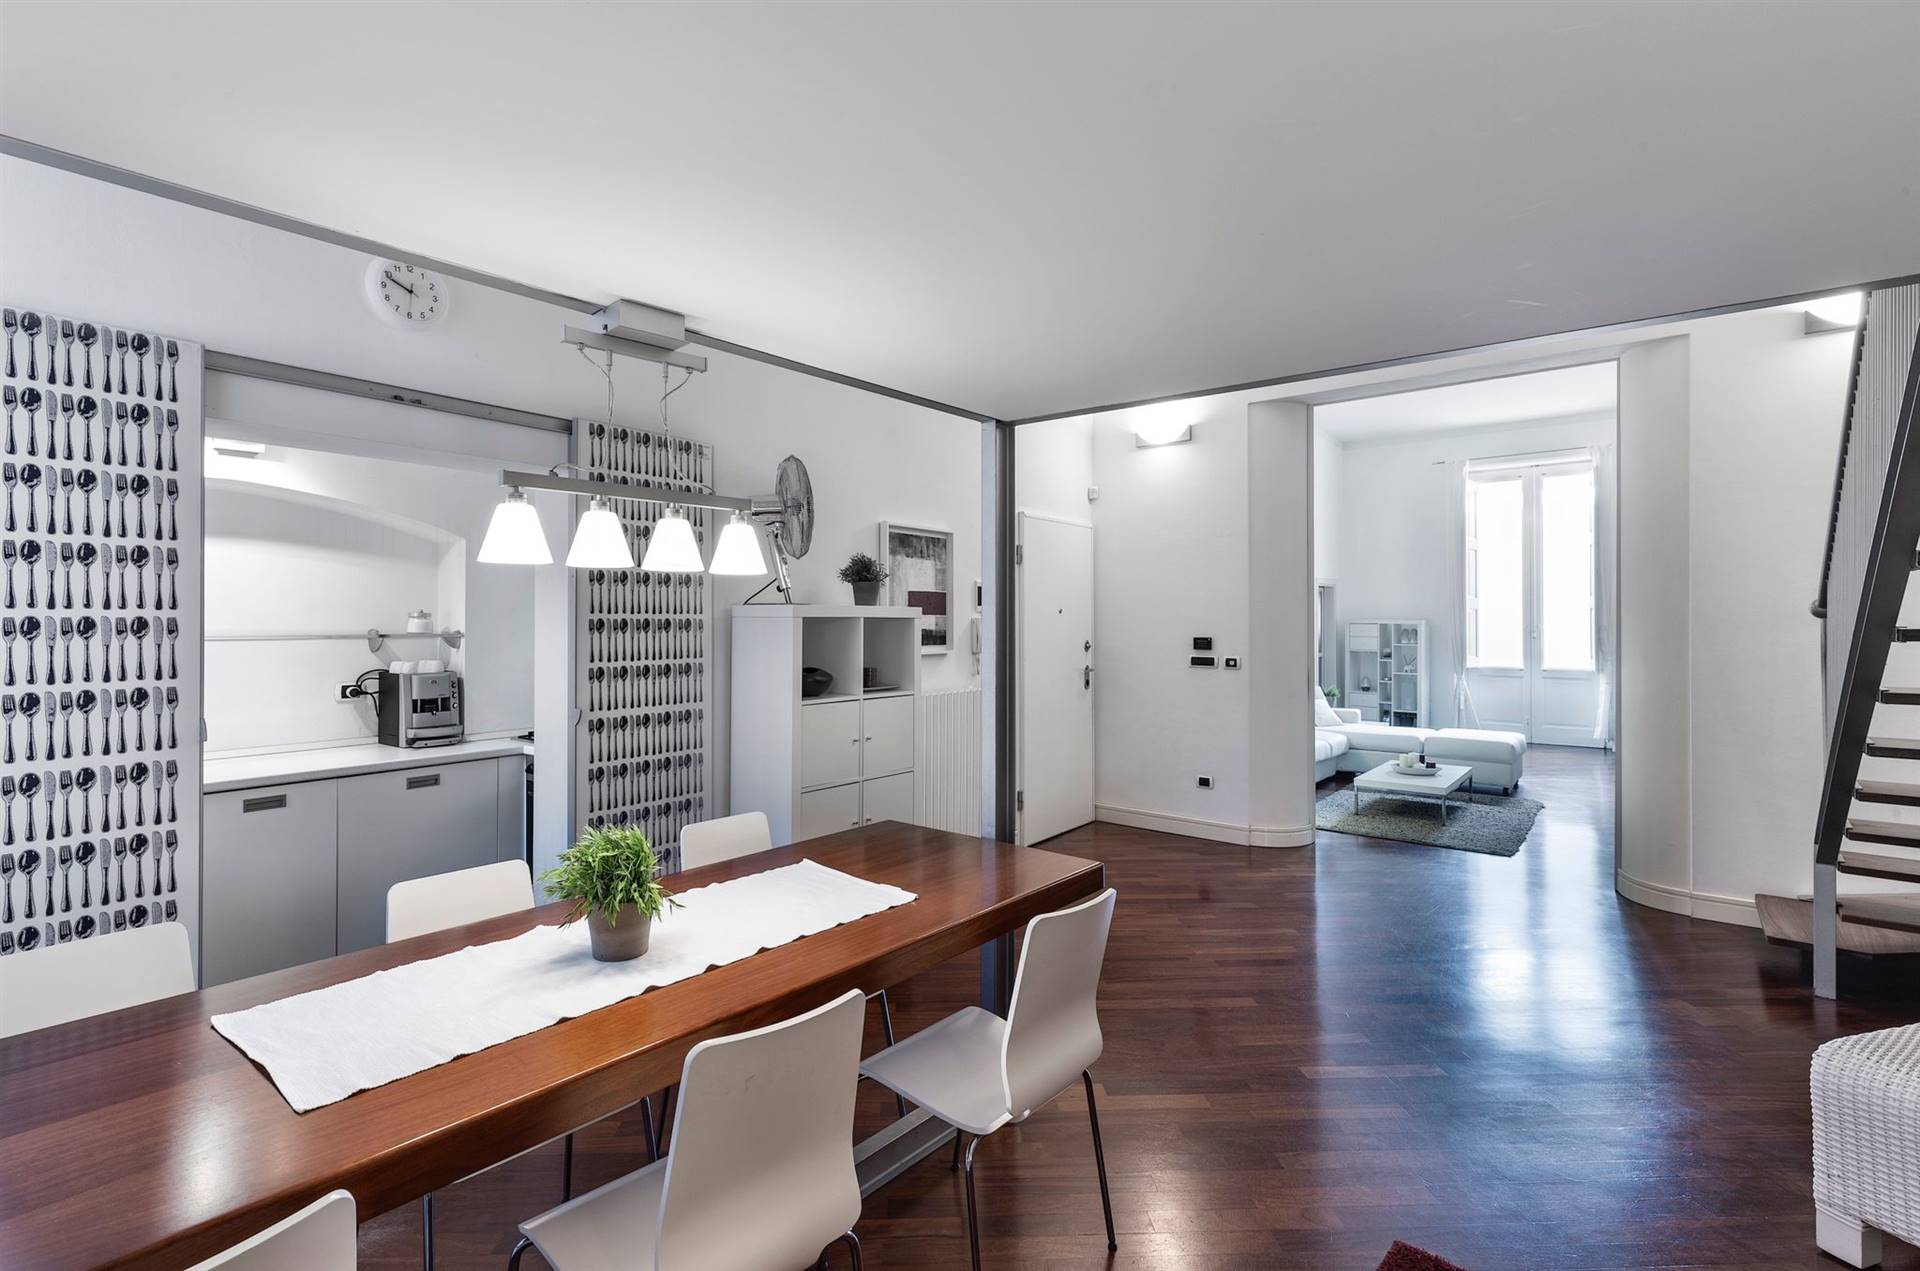 MONOPOLI, Wohnung zu verkaufen von 105 Qm, Beste ausstattung, Heizung Unabhaengig, Energie-klasse: G, Epi: 165 kwh/m2 jahr, am boden 1°, zusammengestellt von: 4 Raume, Kuchen, , 1 Zimmer, 1 Baeder,